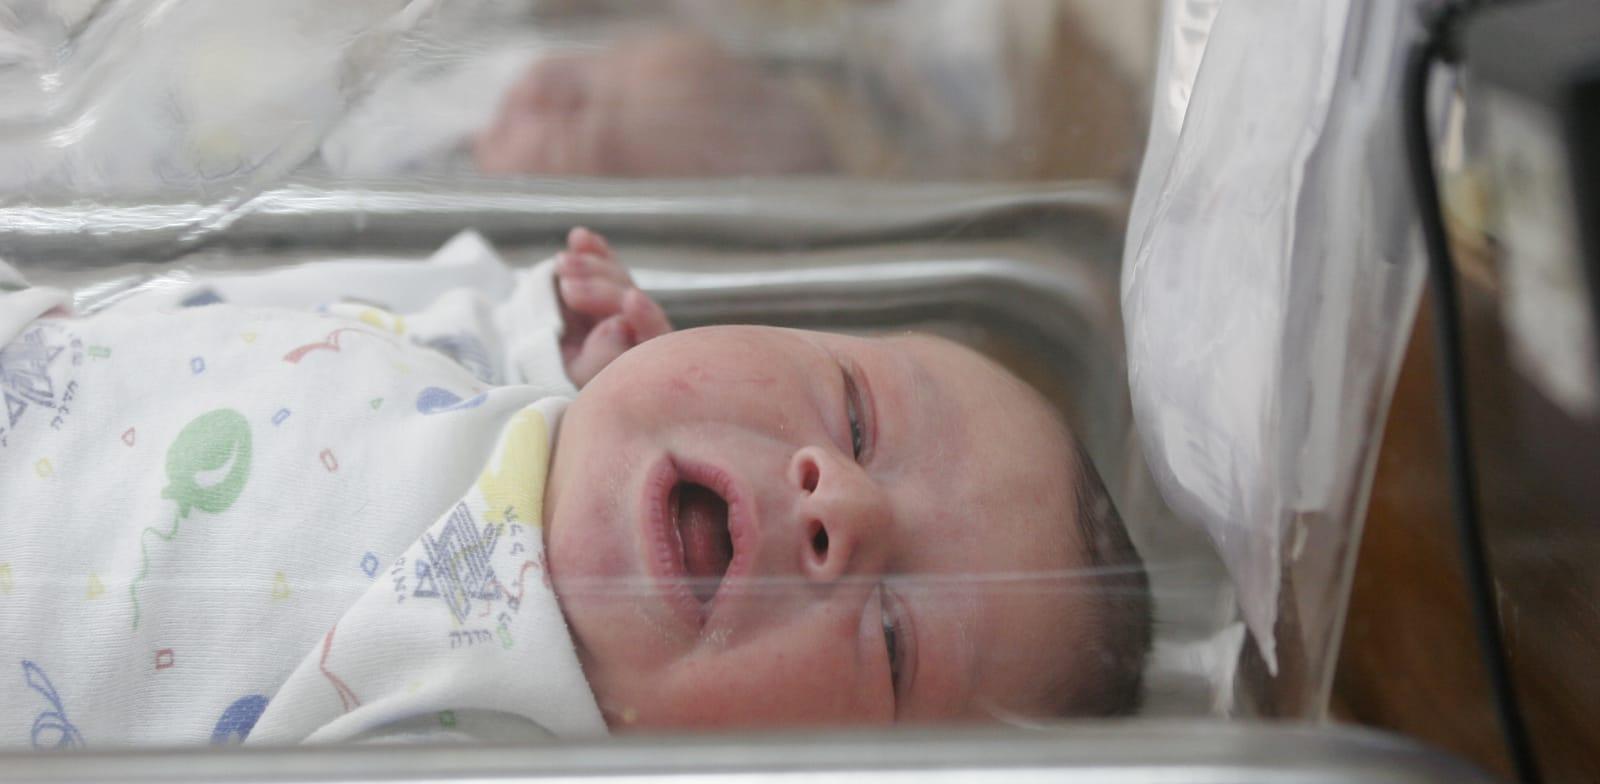 בית חולים - תינוק - פג / צילום: עינת לברון